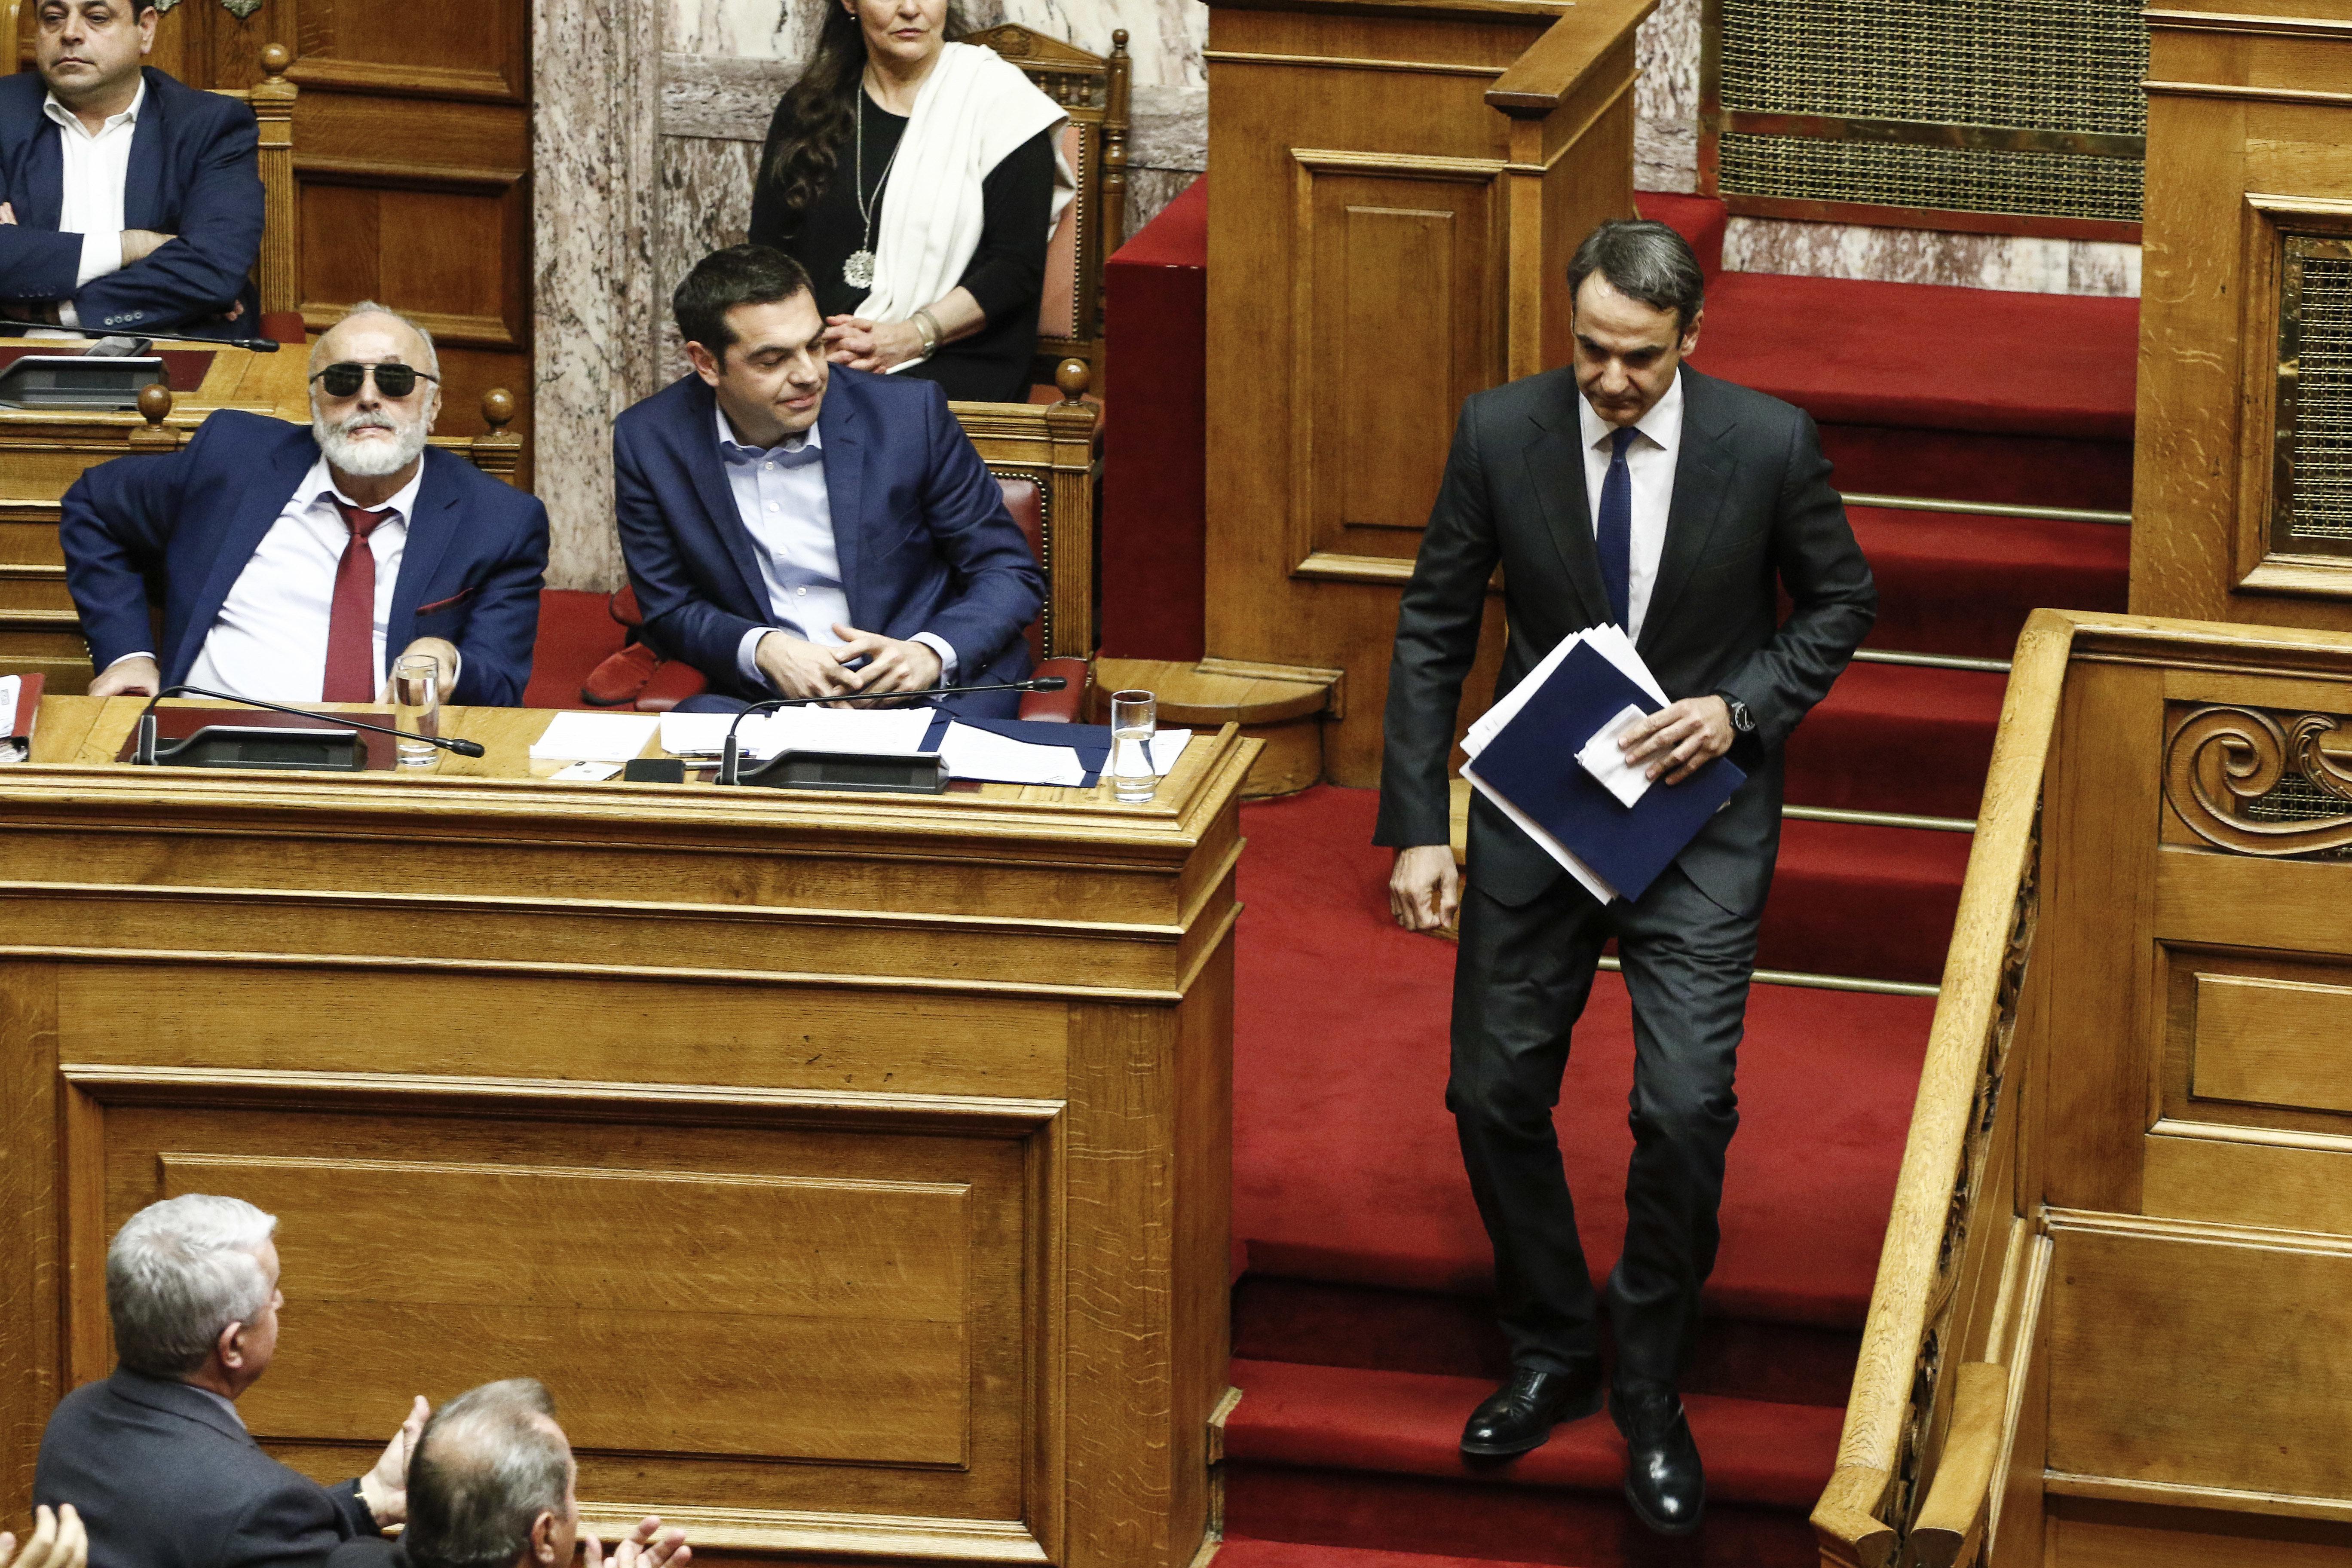 ΣΥΡΙΖΑ: Ο πρόεδρος της ΝΔ φοβάται την αλλαγή σε προοδευτική κατεύθυνση του καταστατικού χάρτη της